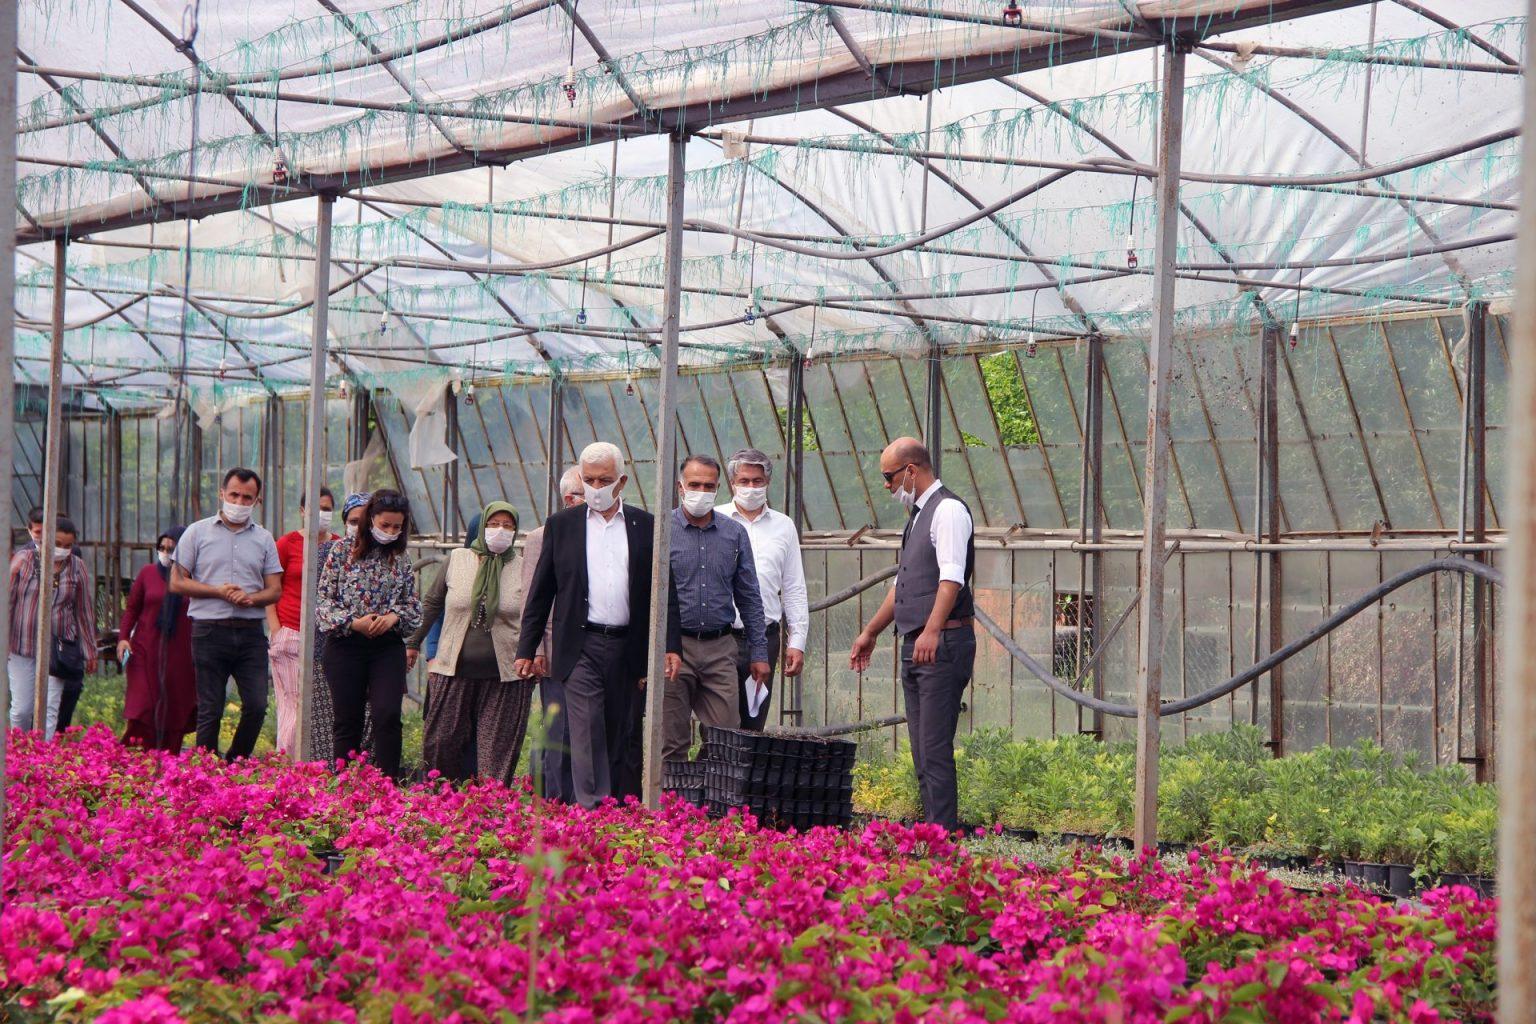 Muğla çiçek üretim merkezi oluyor 2